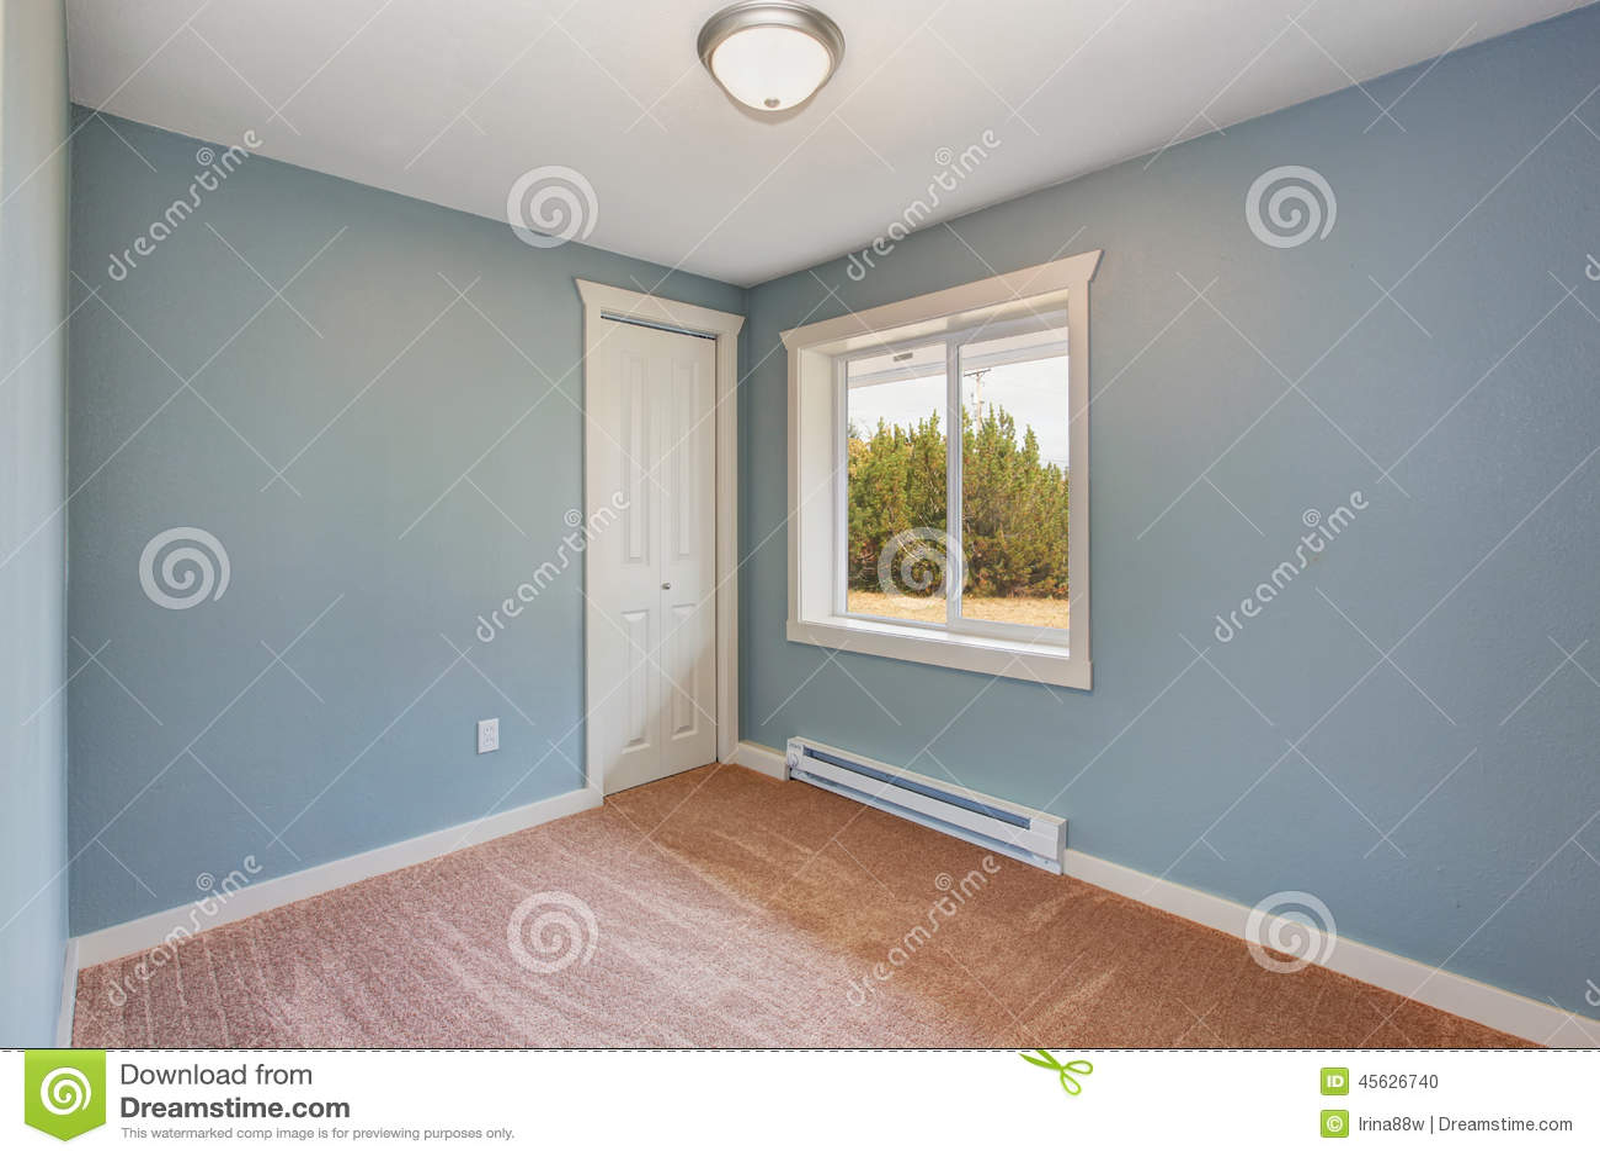 Woonkamer behang groene - Huis slaapkamer ...